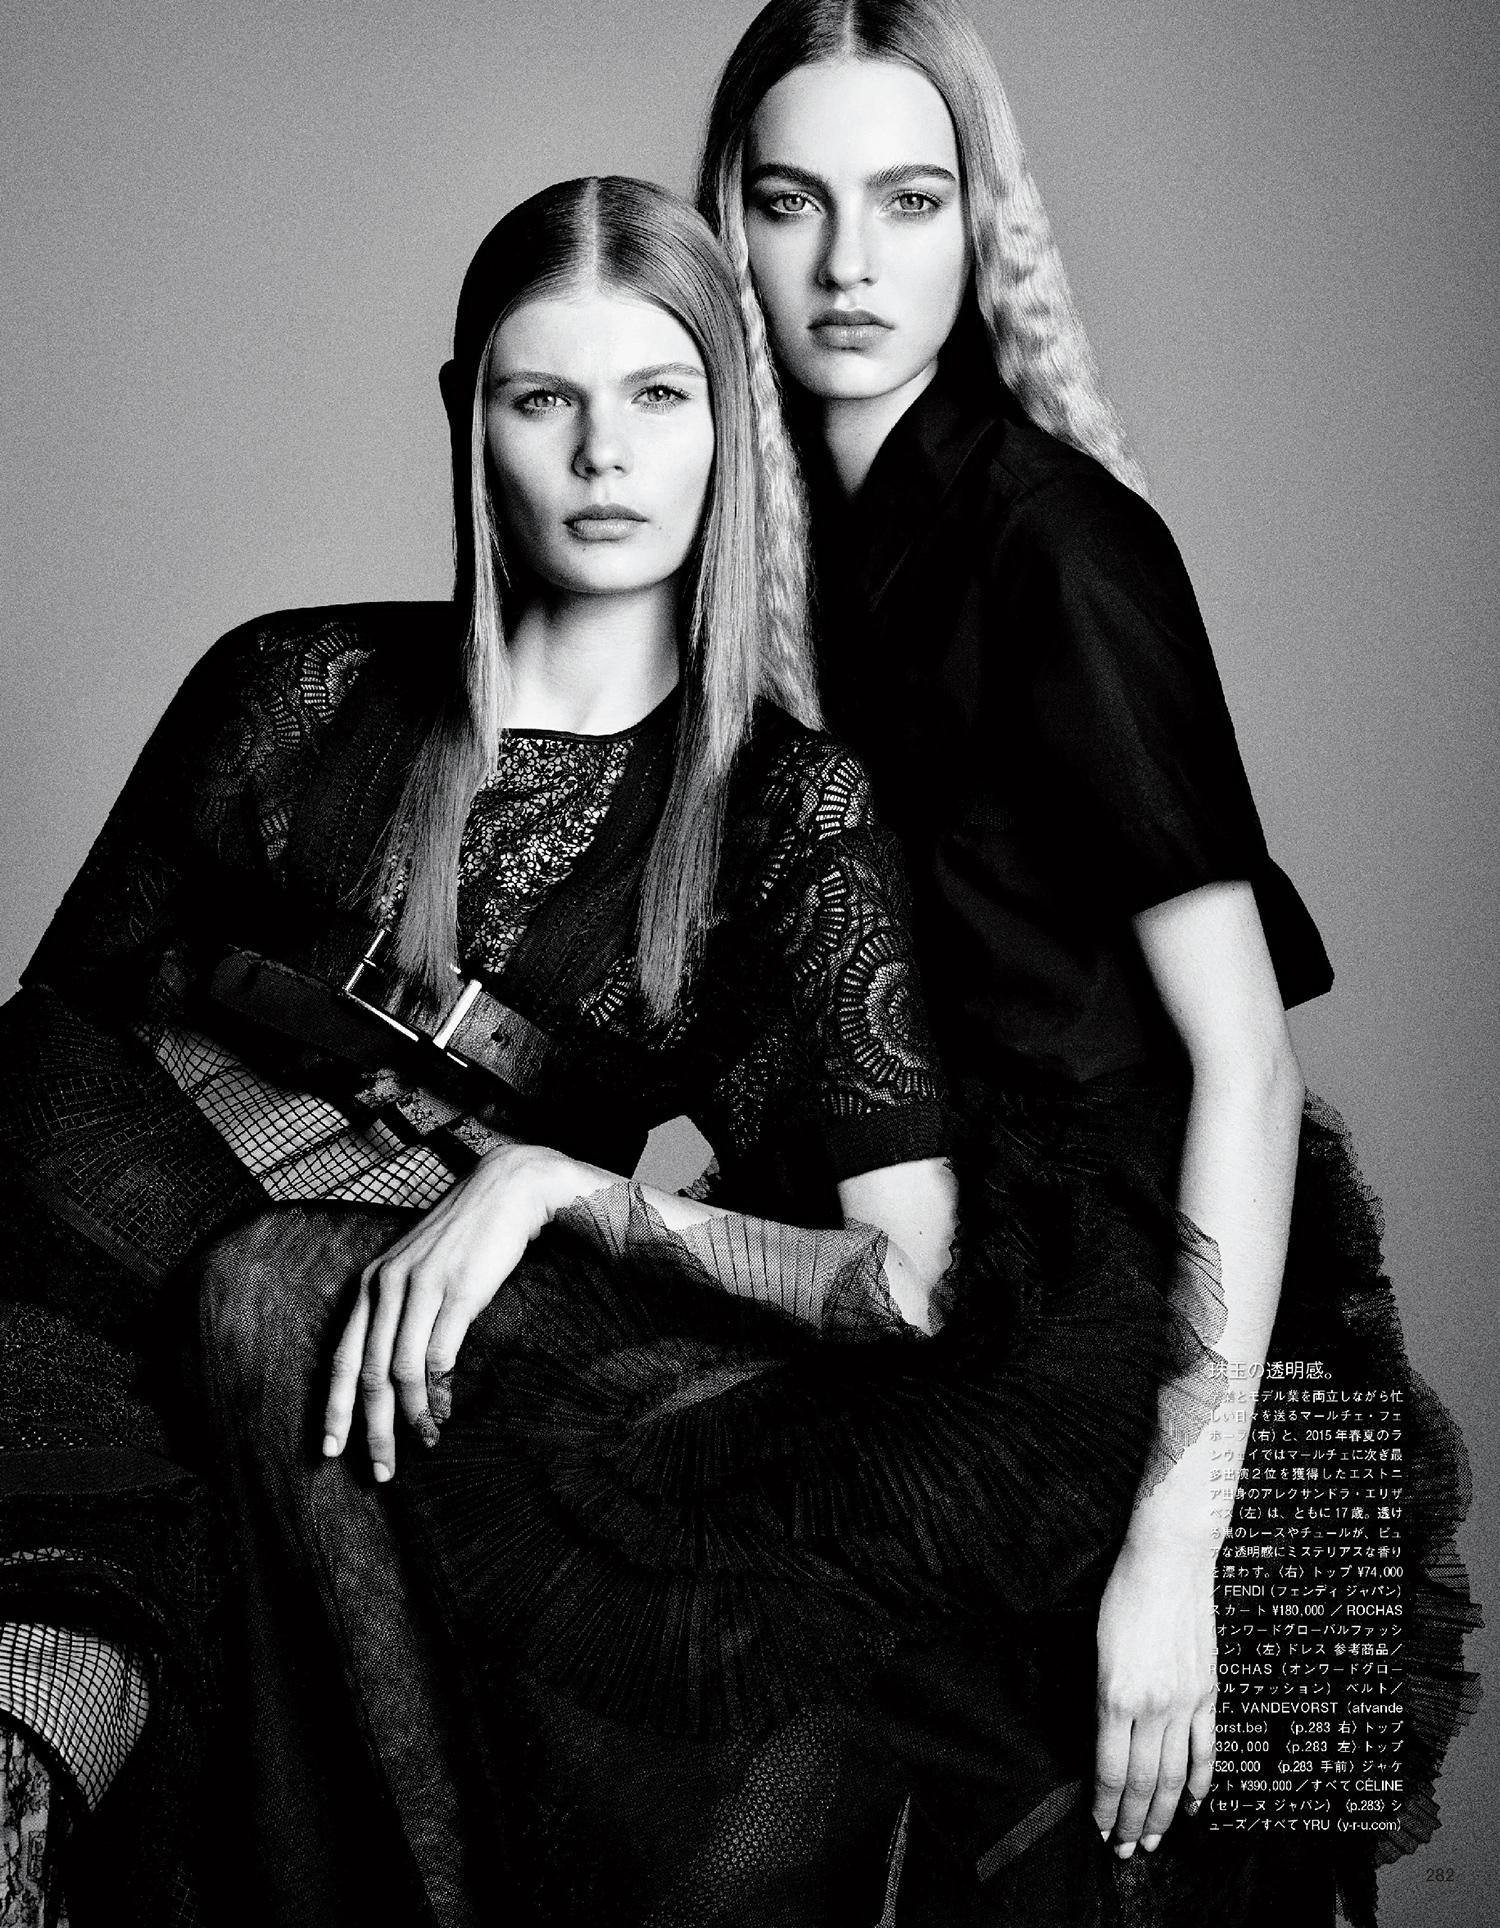 Giovanna-Battaglia-Vogue-Japan-March-2015-Digital-Generation-12.jpg